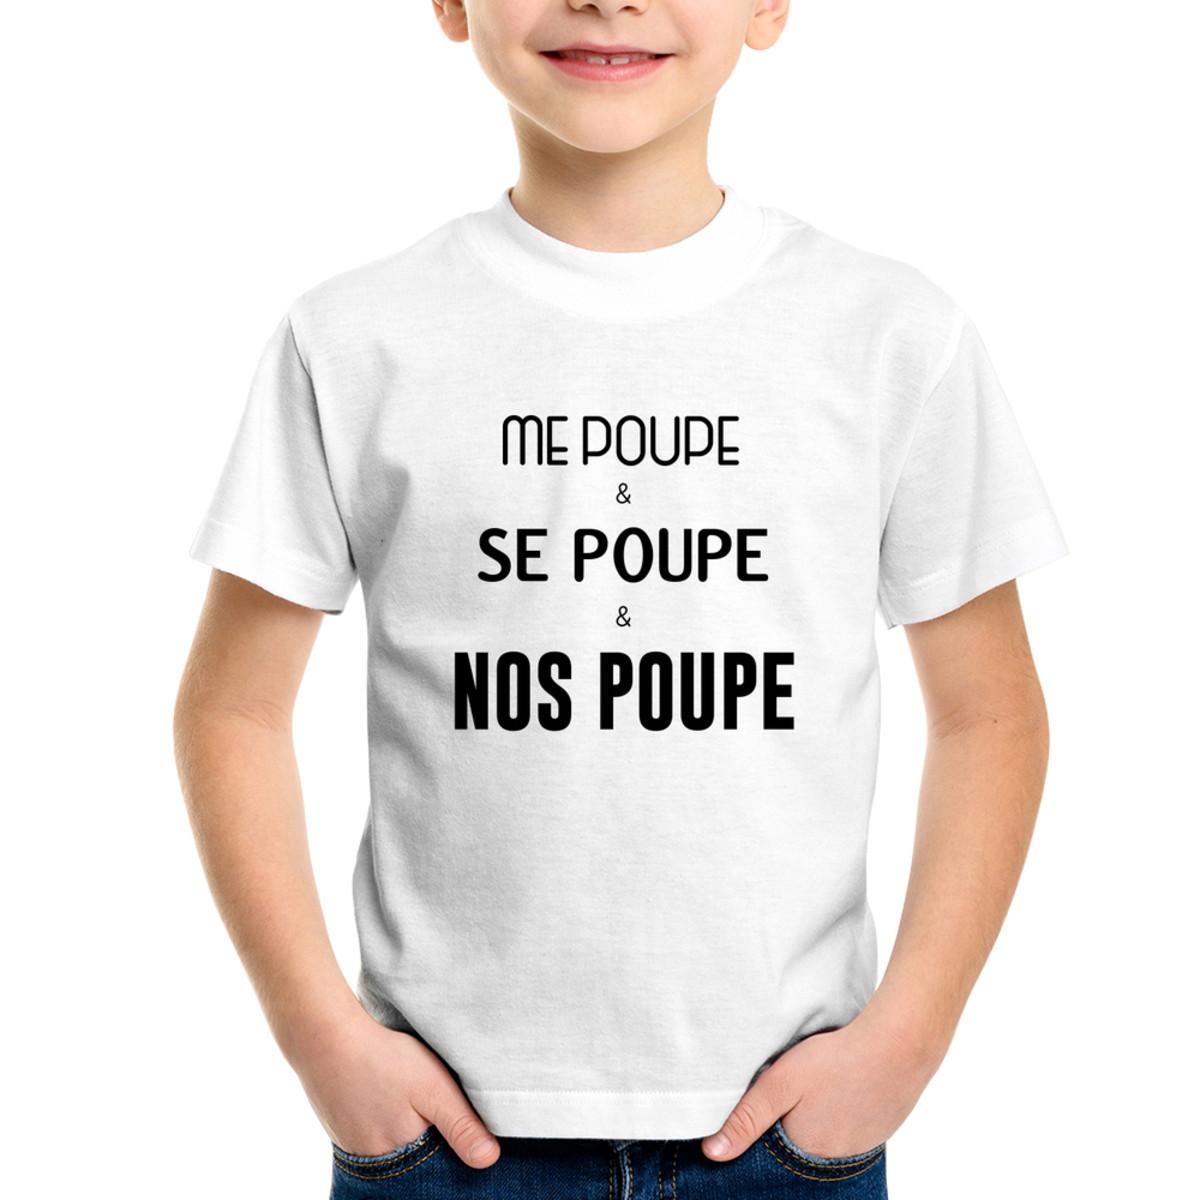 4029b6d41 Zoom · Camiseta Infantil Me poupe